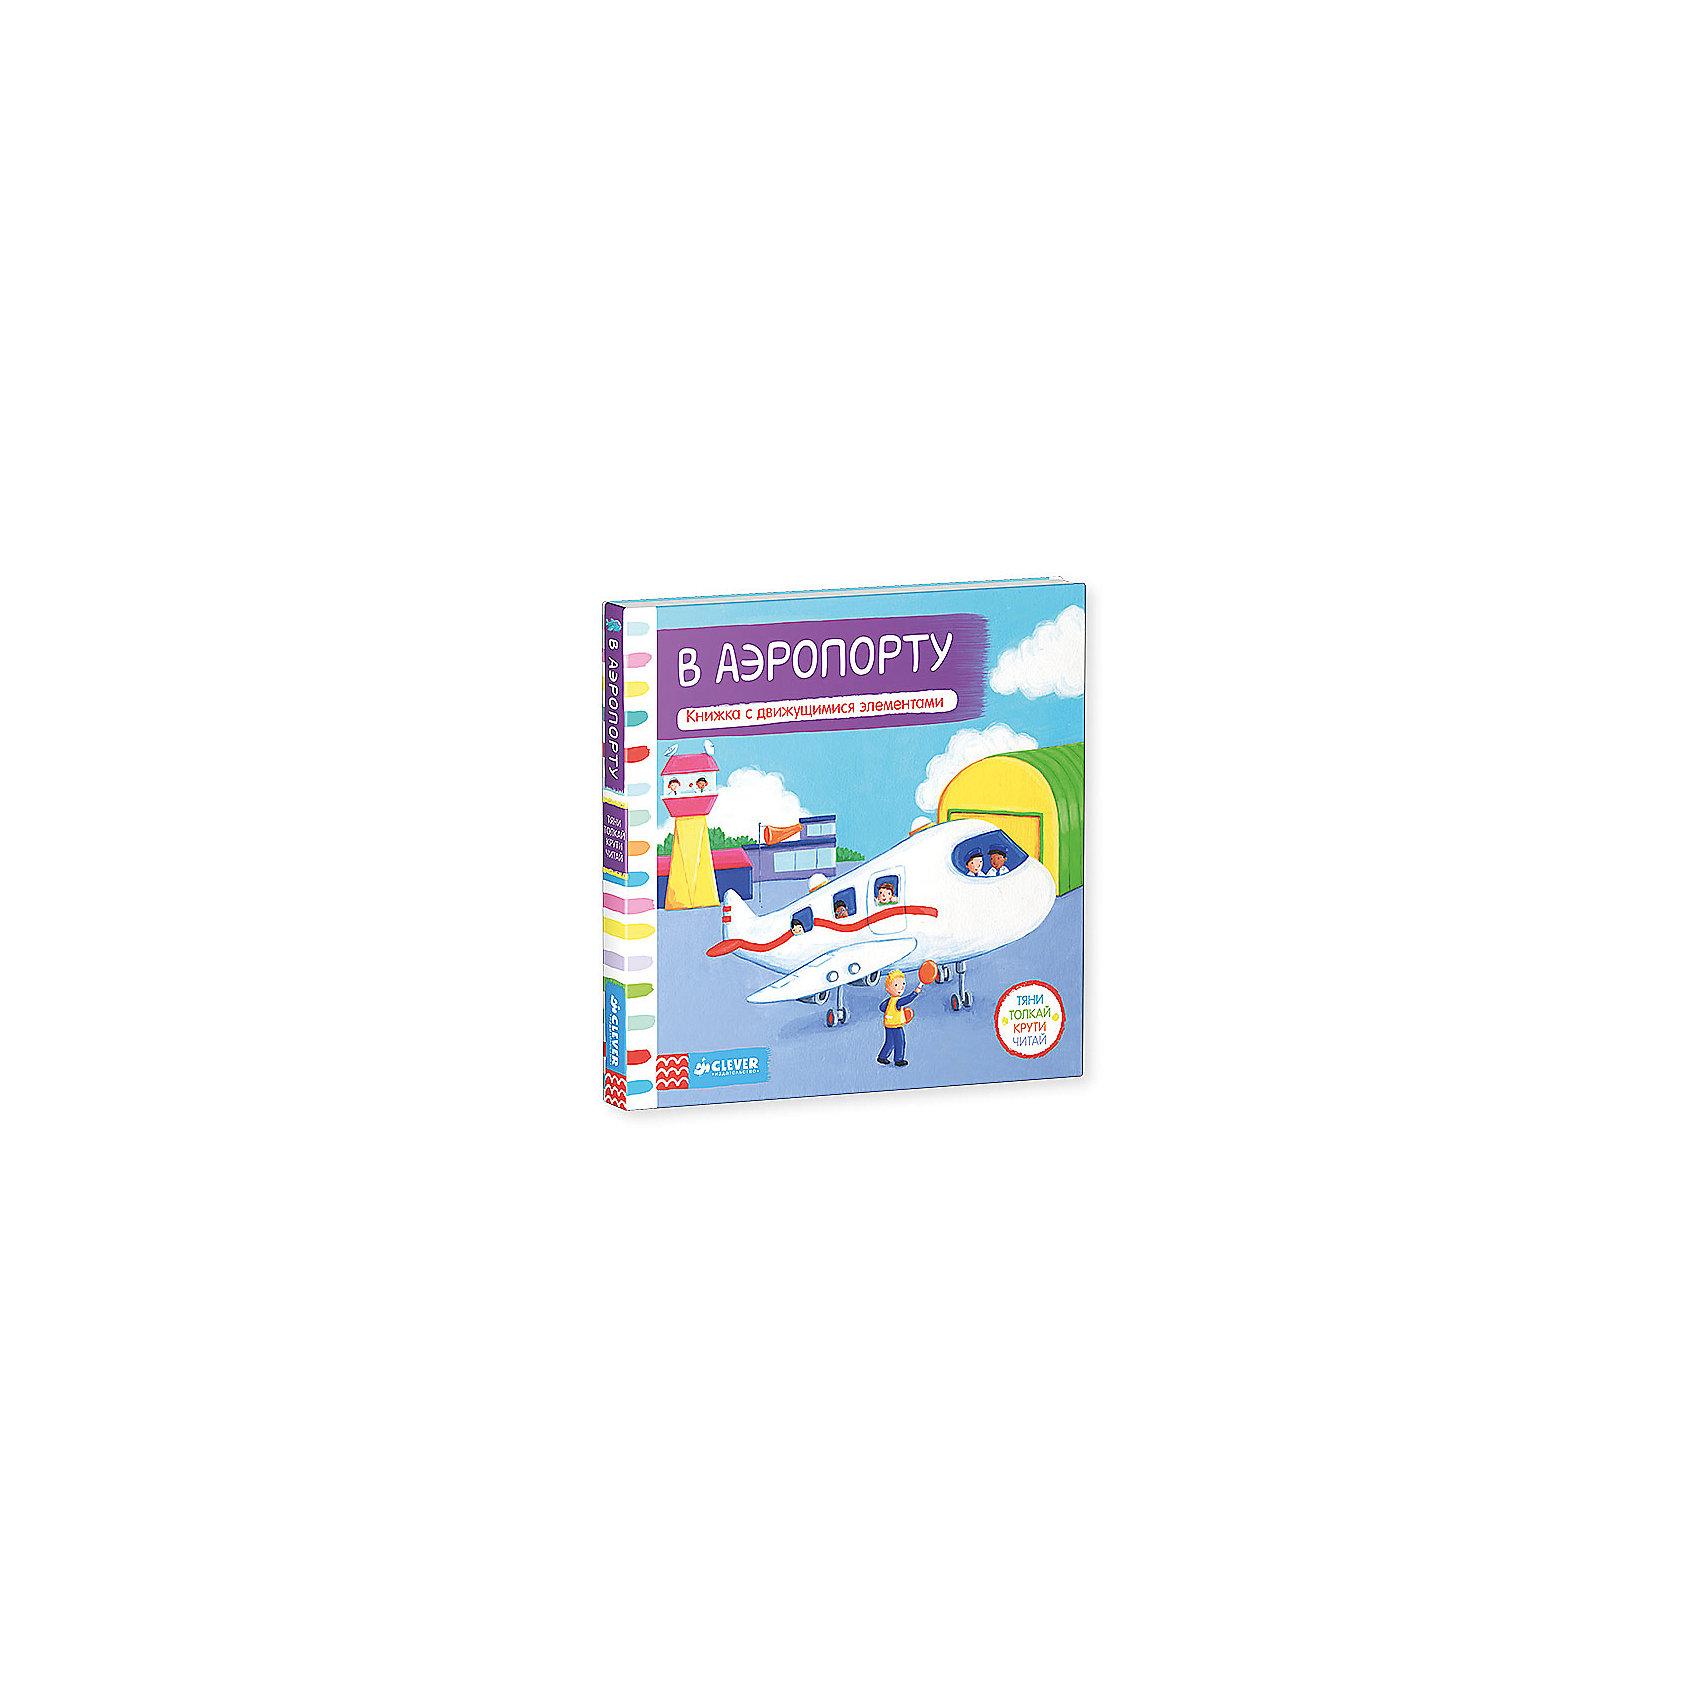 Clever Книжка-игрушка В аэропорту clever книжка творческие задания животные 23 пошаговых урока